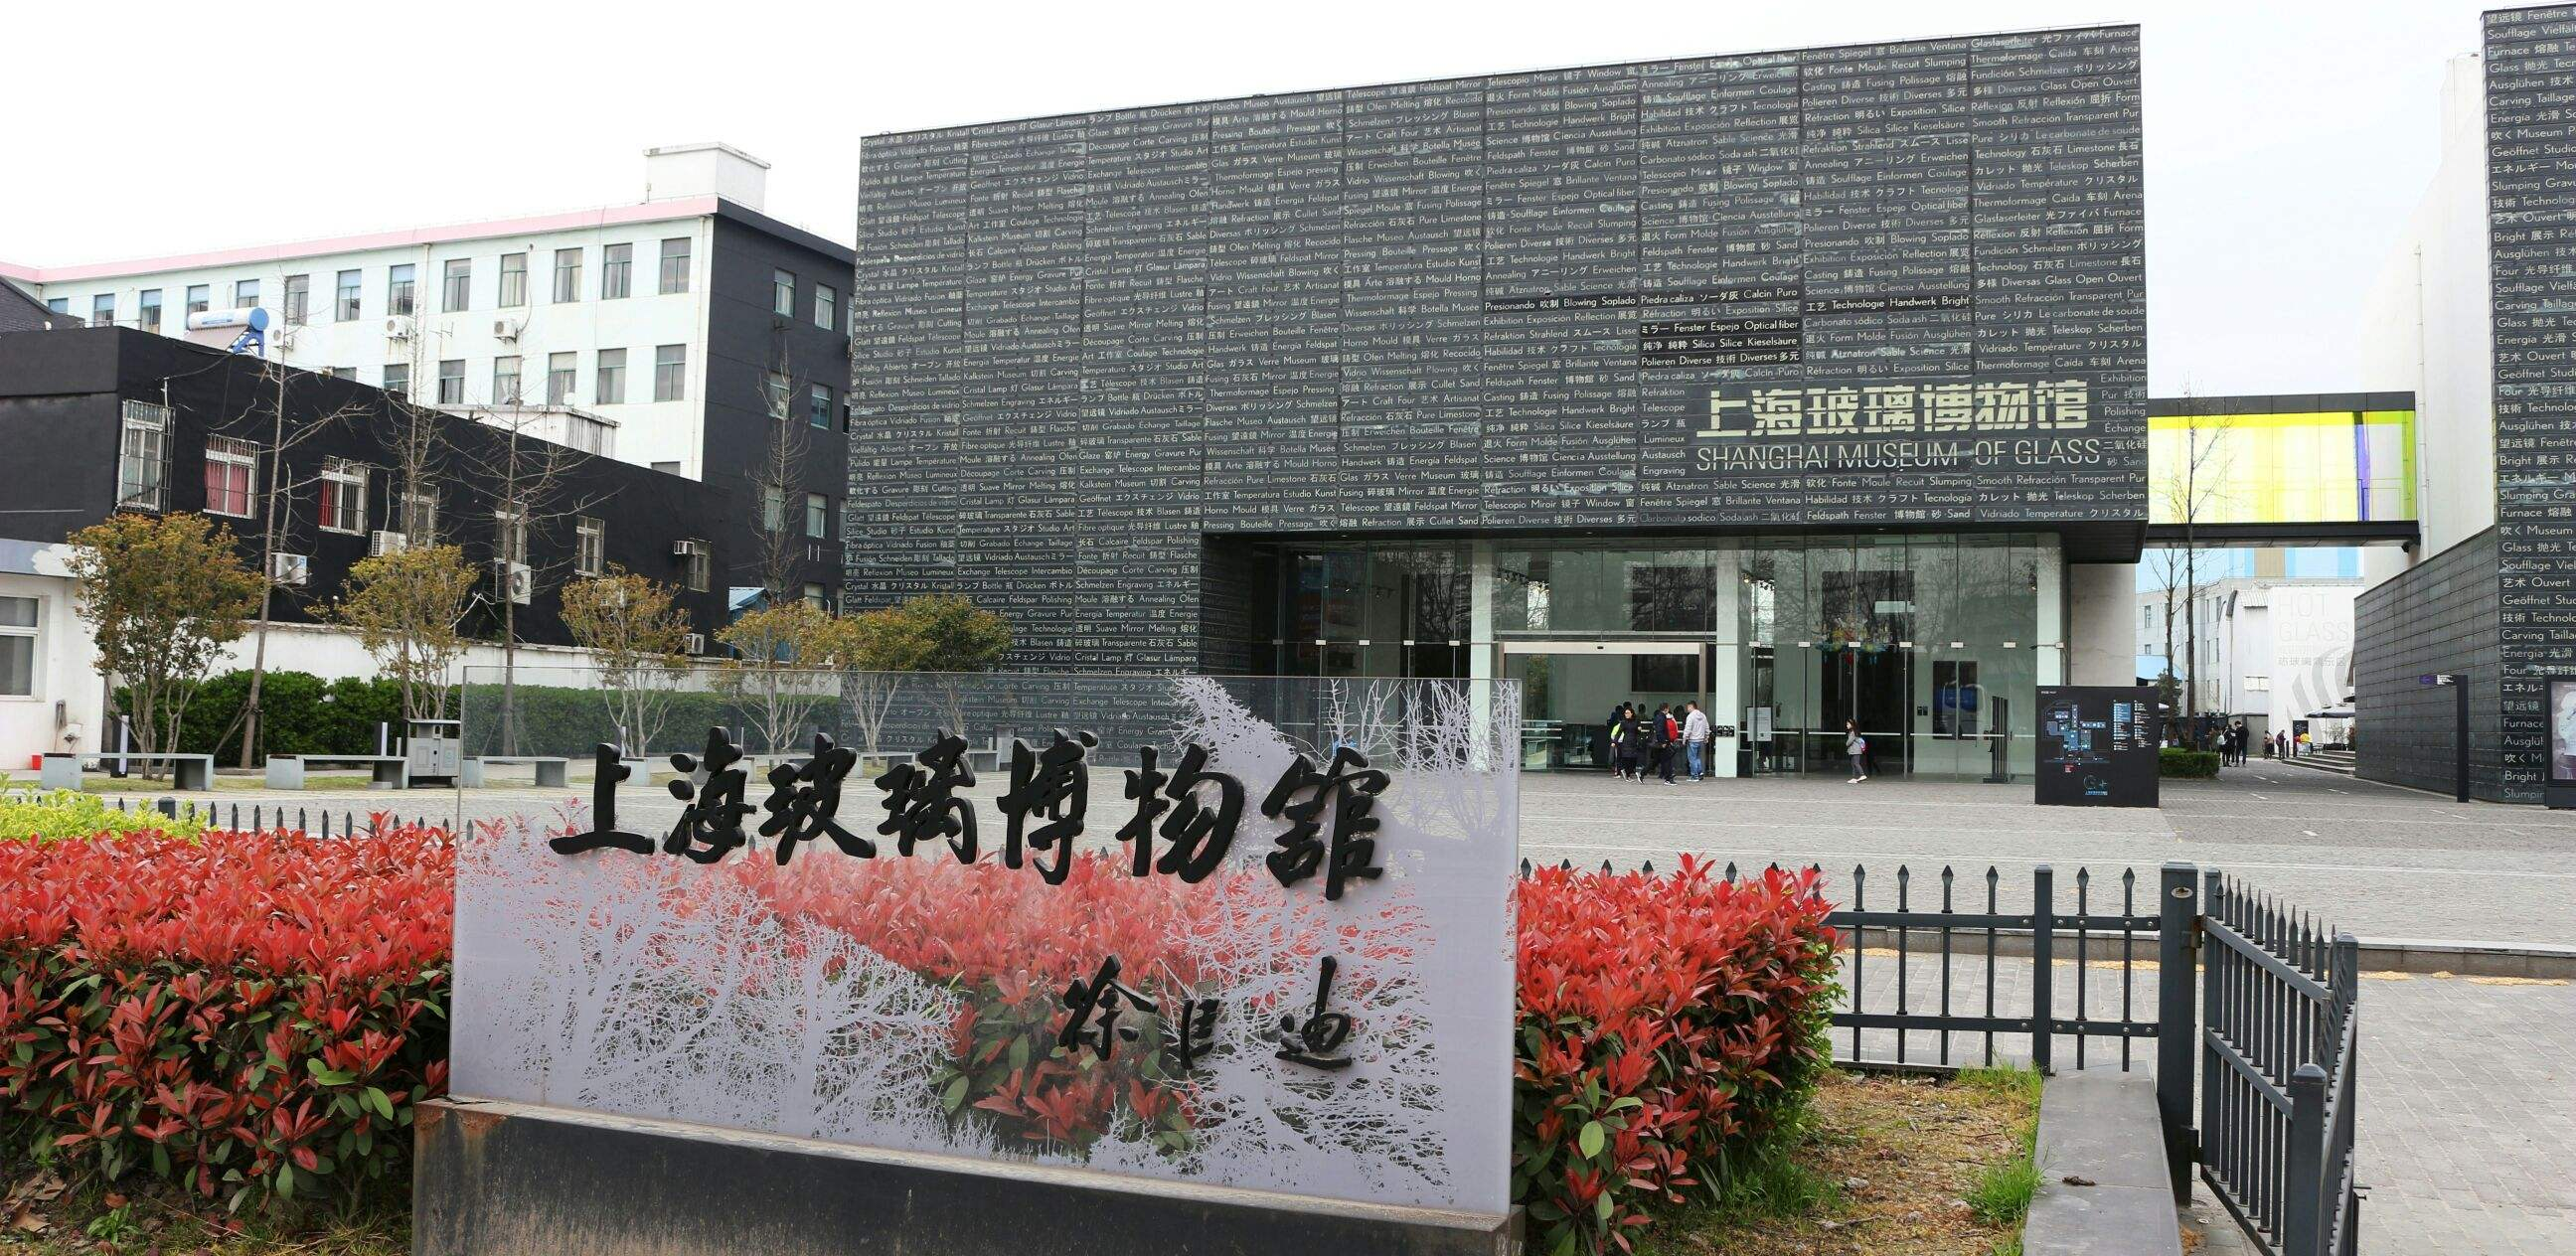 上海玻璃博物�^